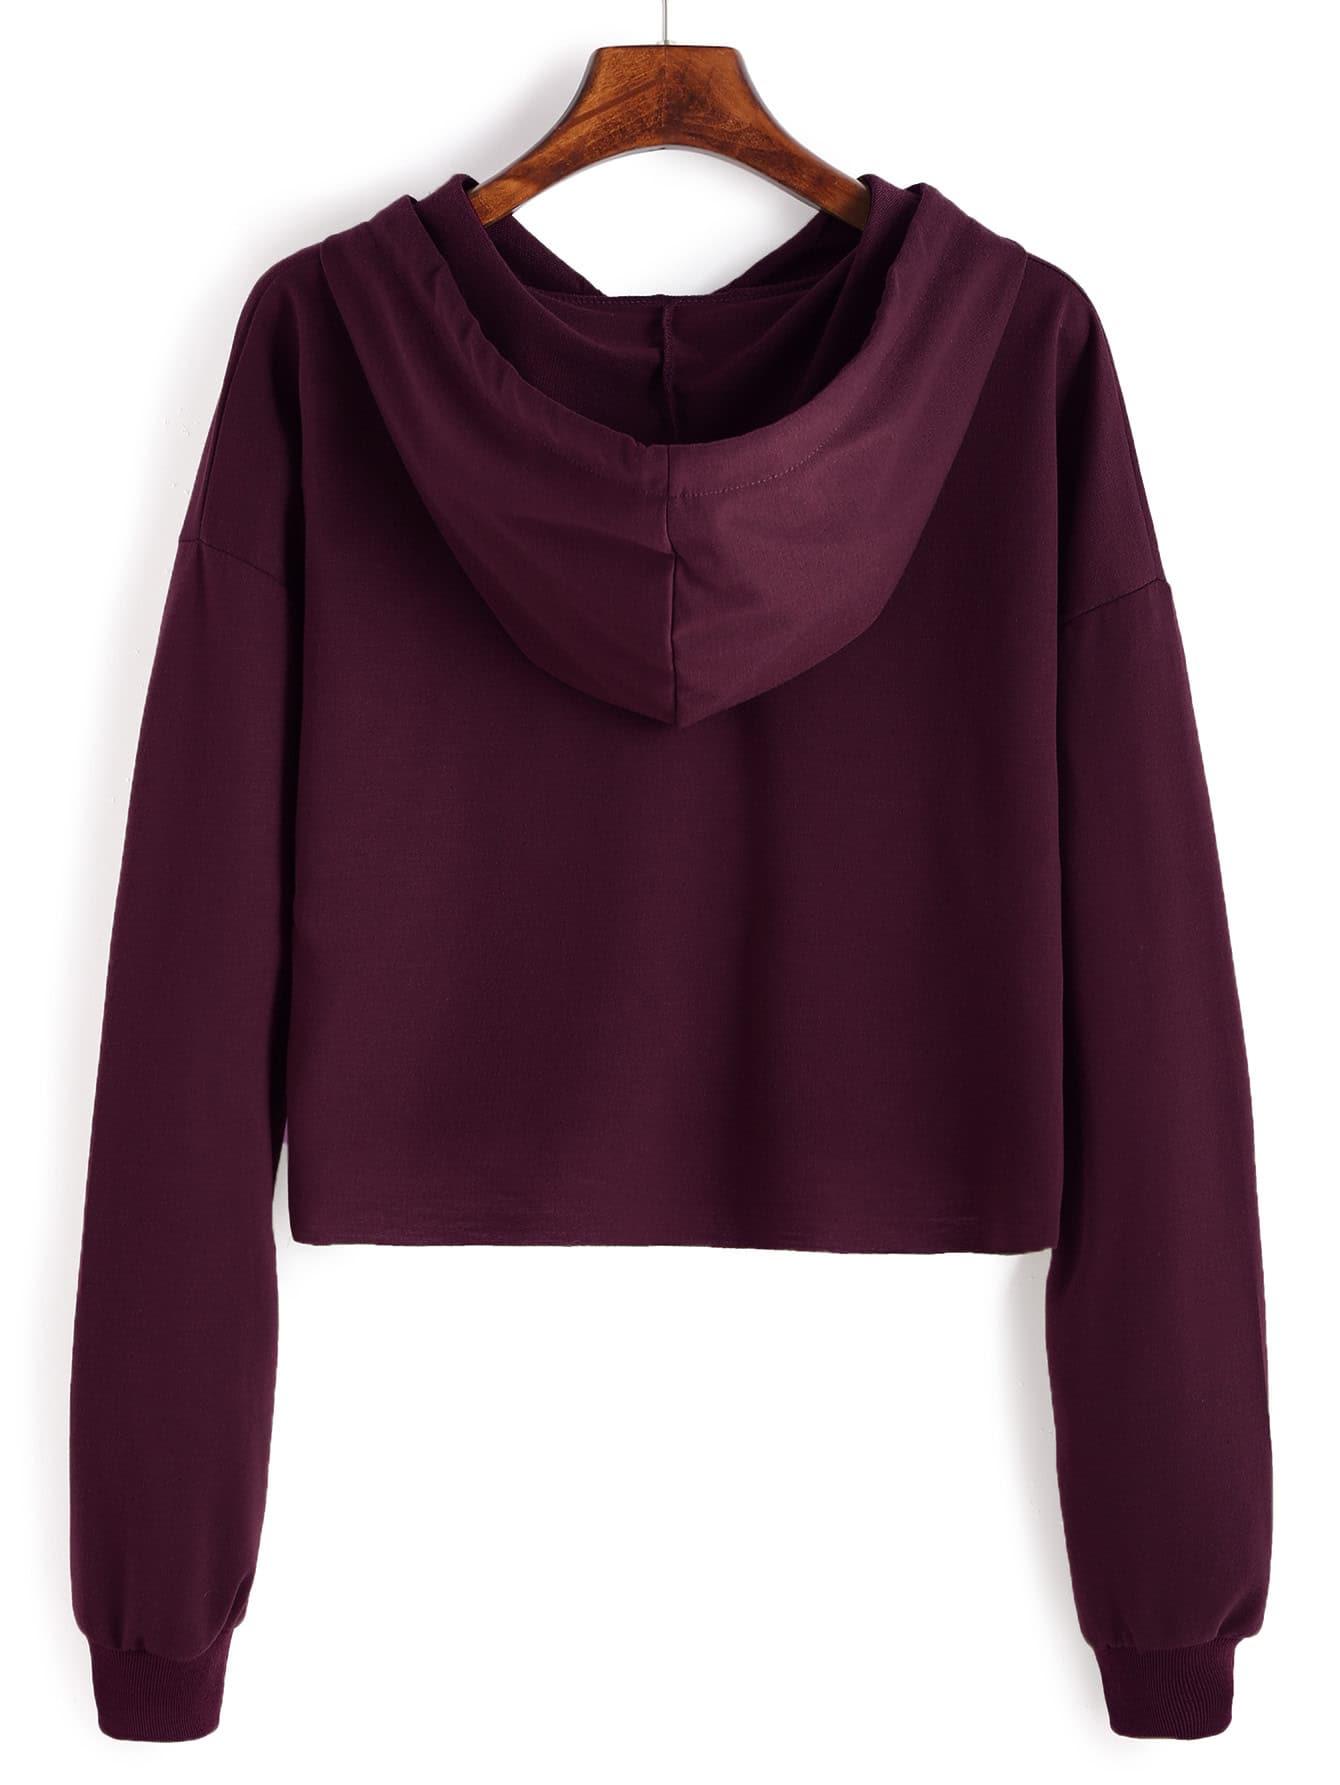 sweatshirt161014105_2